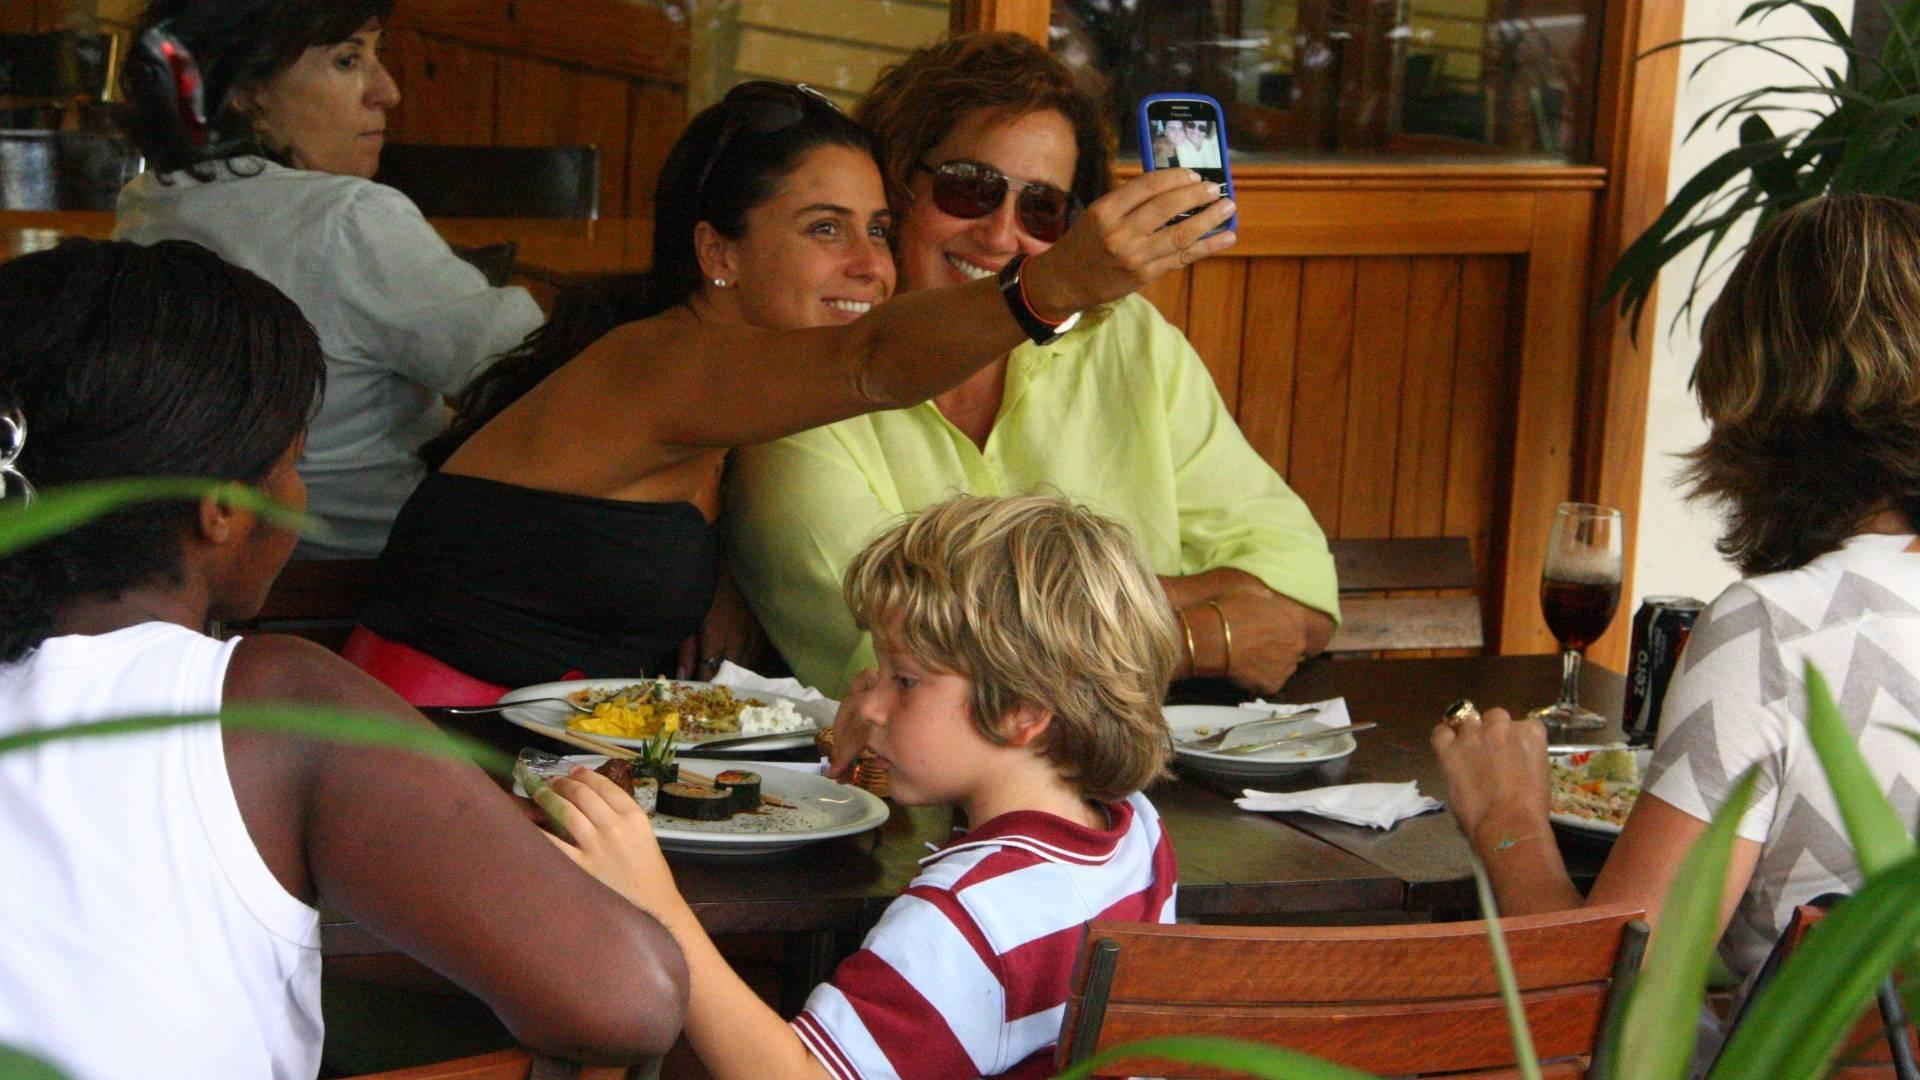 Giovanna Antonelli tira foto sua com Claudia Jimenez no restaurante Celeiro, Rio de Janeiro (3/12/2009)